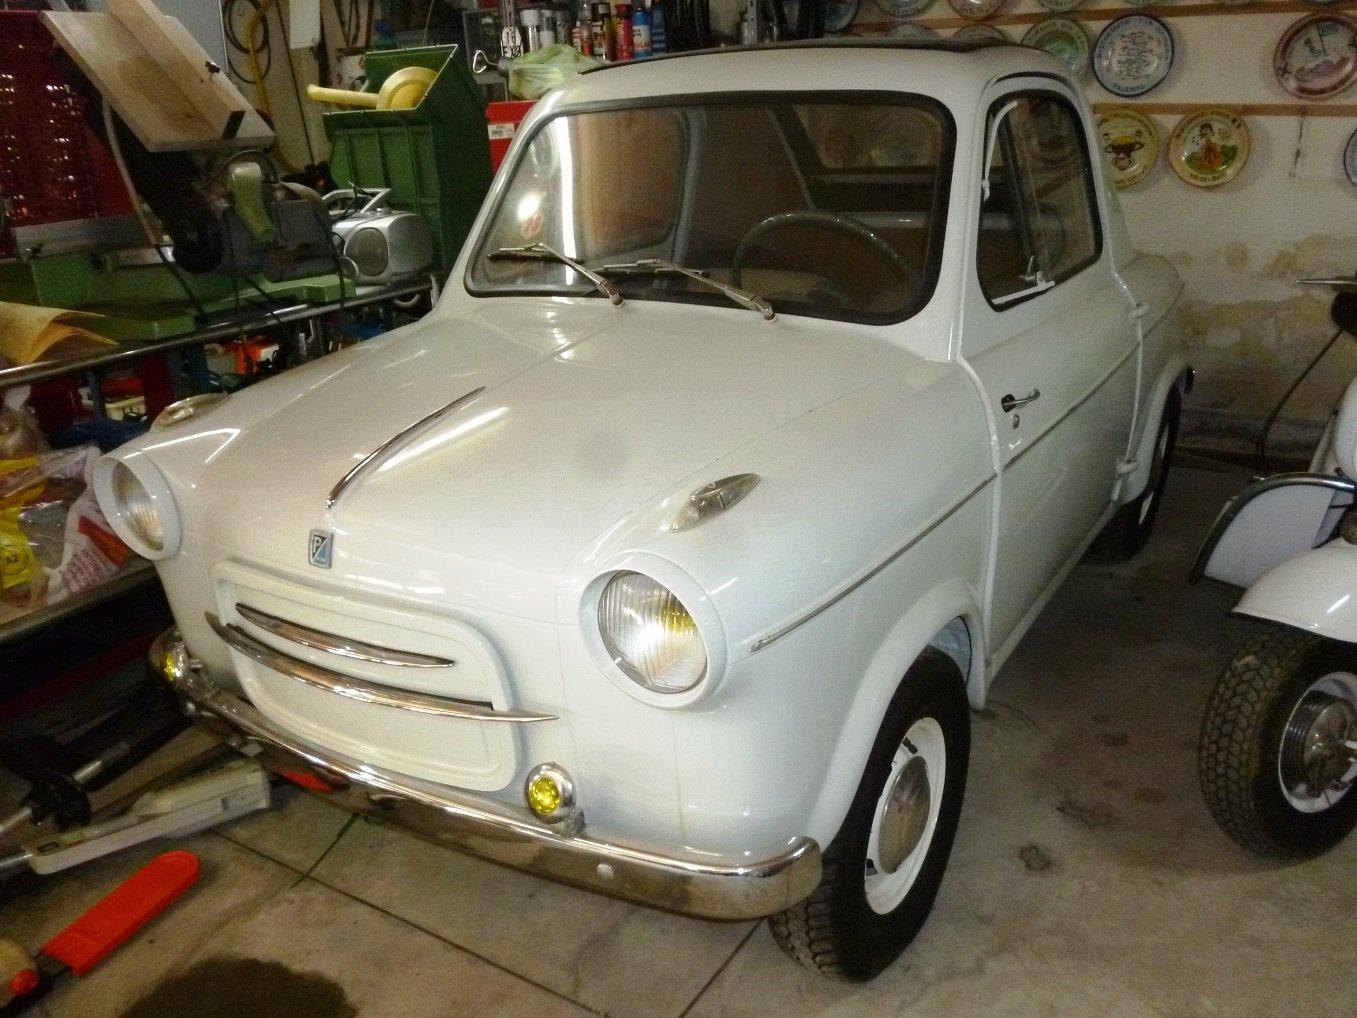 1960 Piaggio Vespa Acma 400 microcar For Sale (picture 1 of 6)